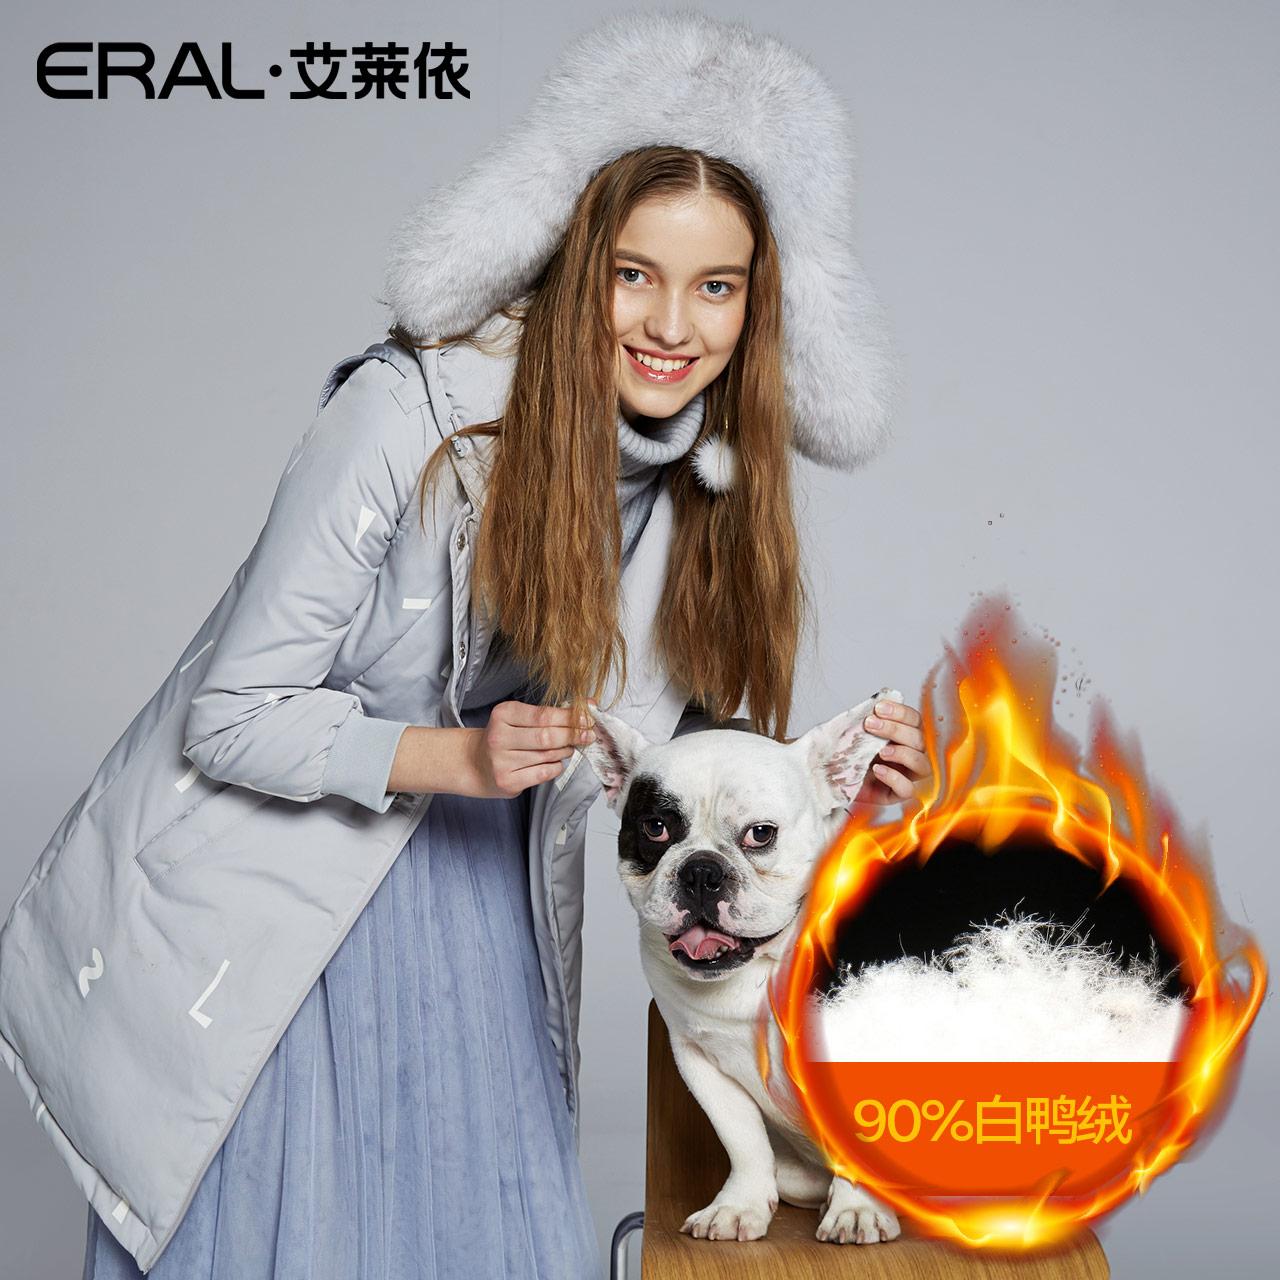 艾莱依正品2017冬季新款韩版修身加厚羽绒服女中长款白鸭绒外套潮